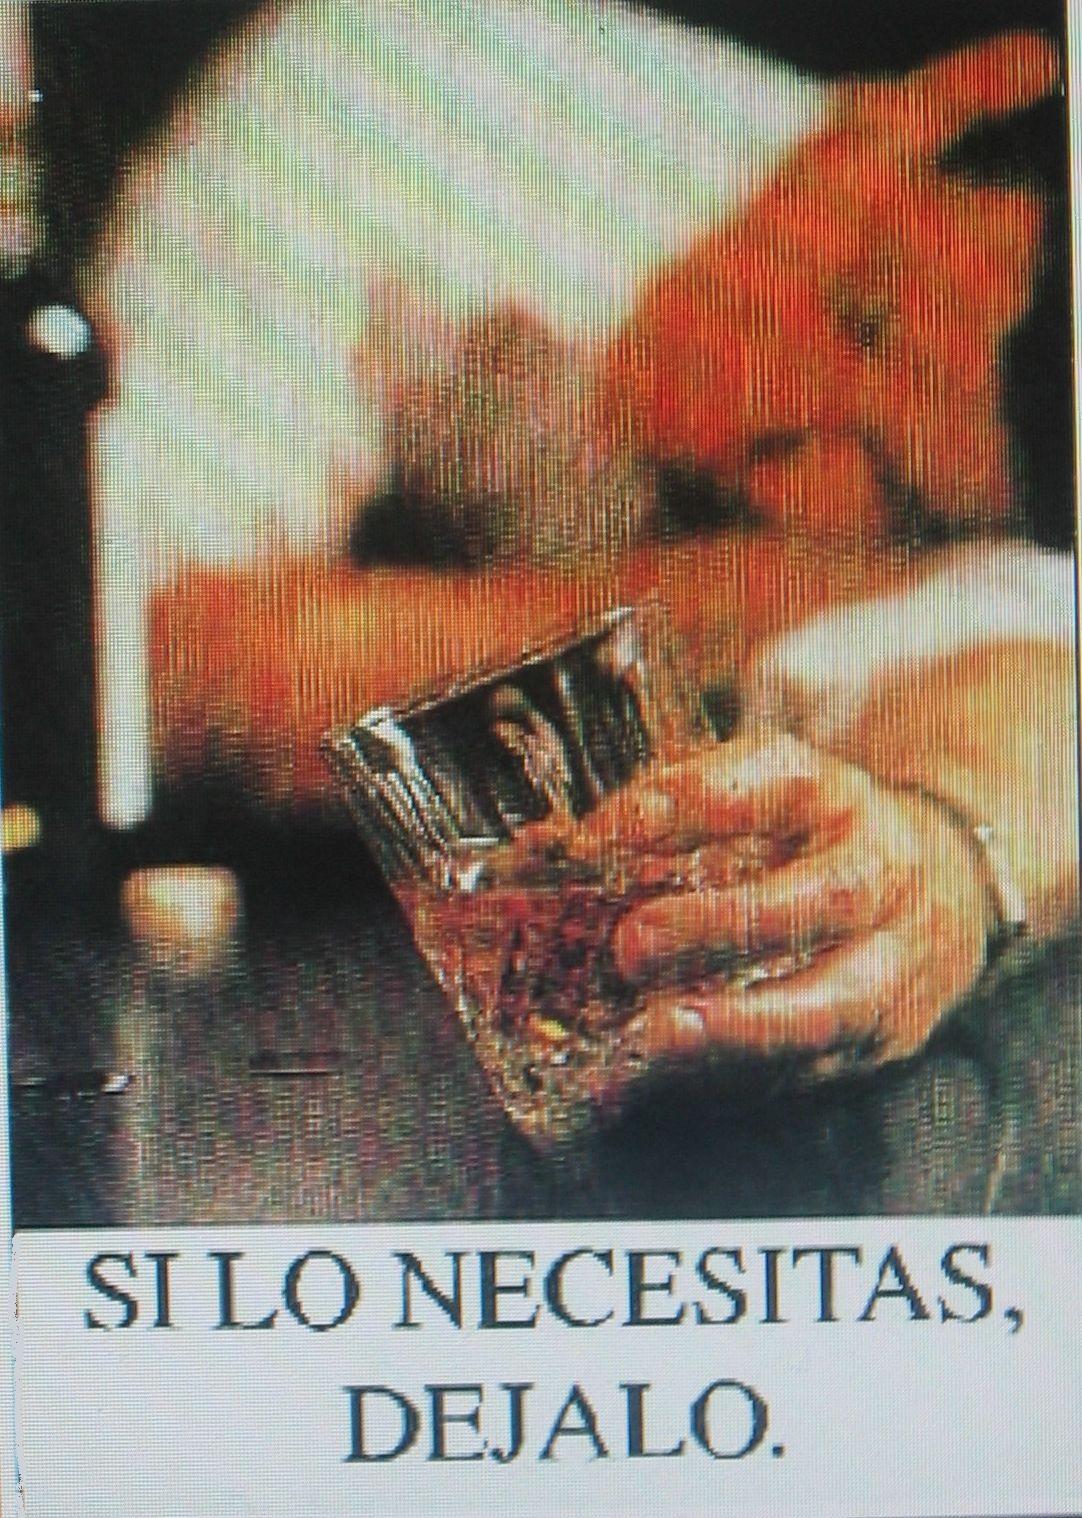 Aleksandr litvin el alcoholismo